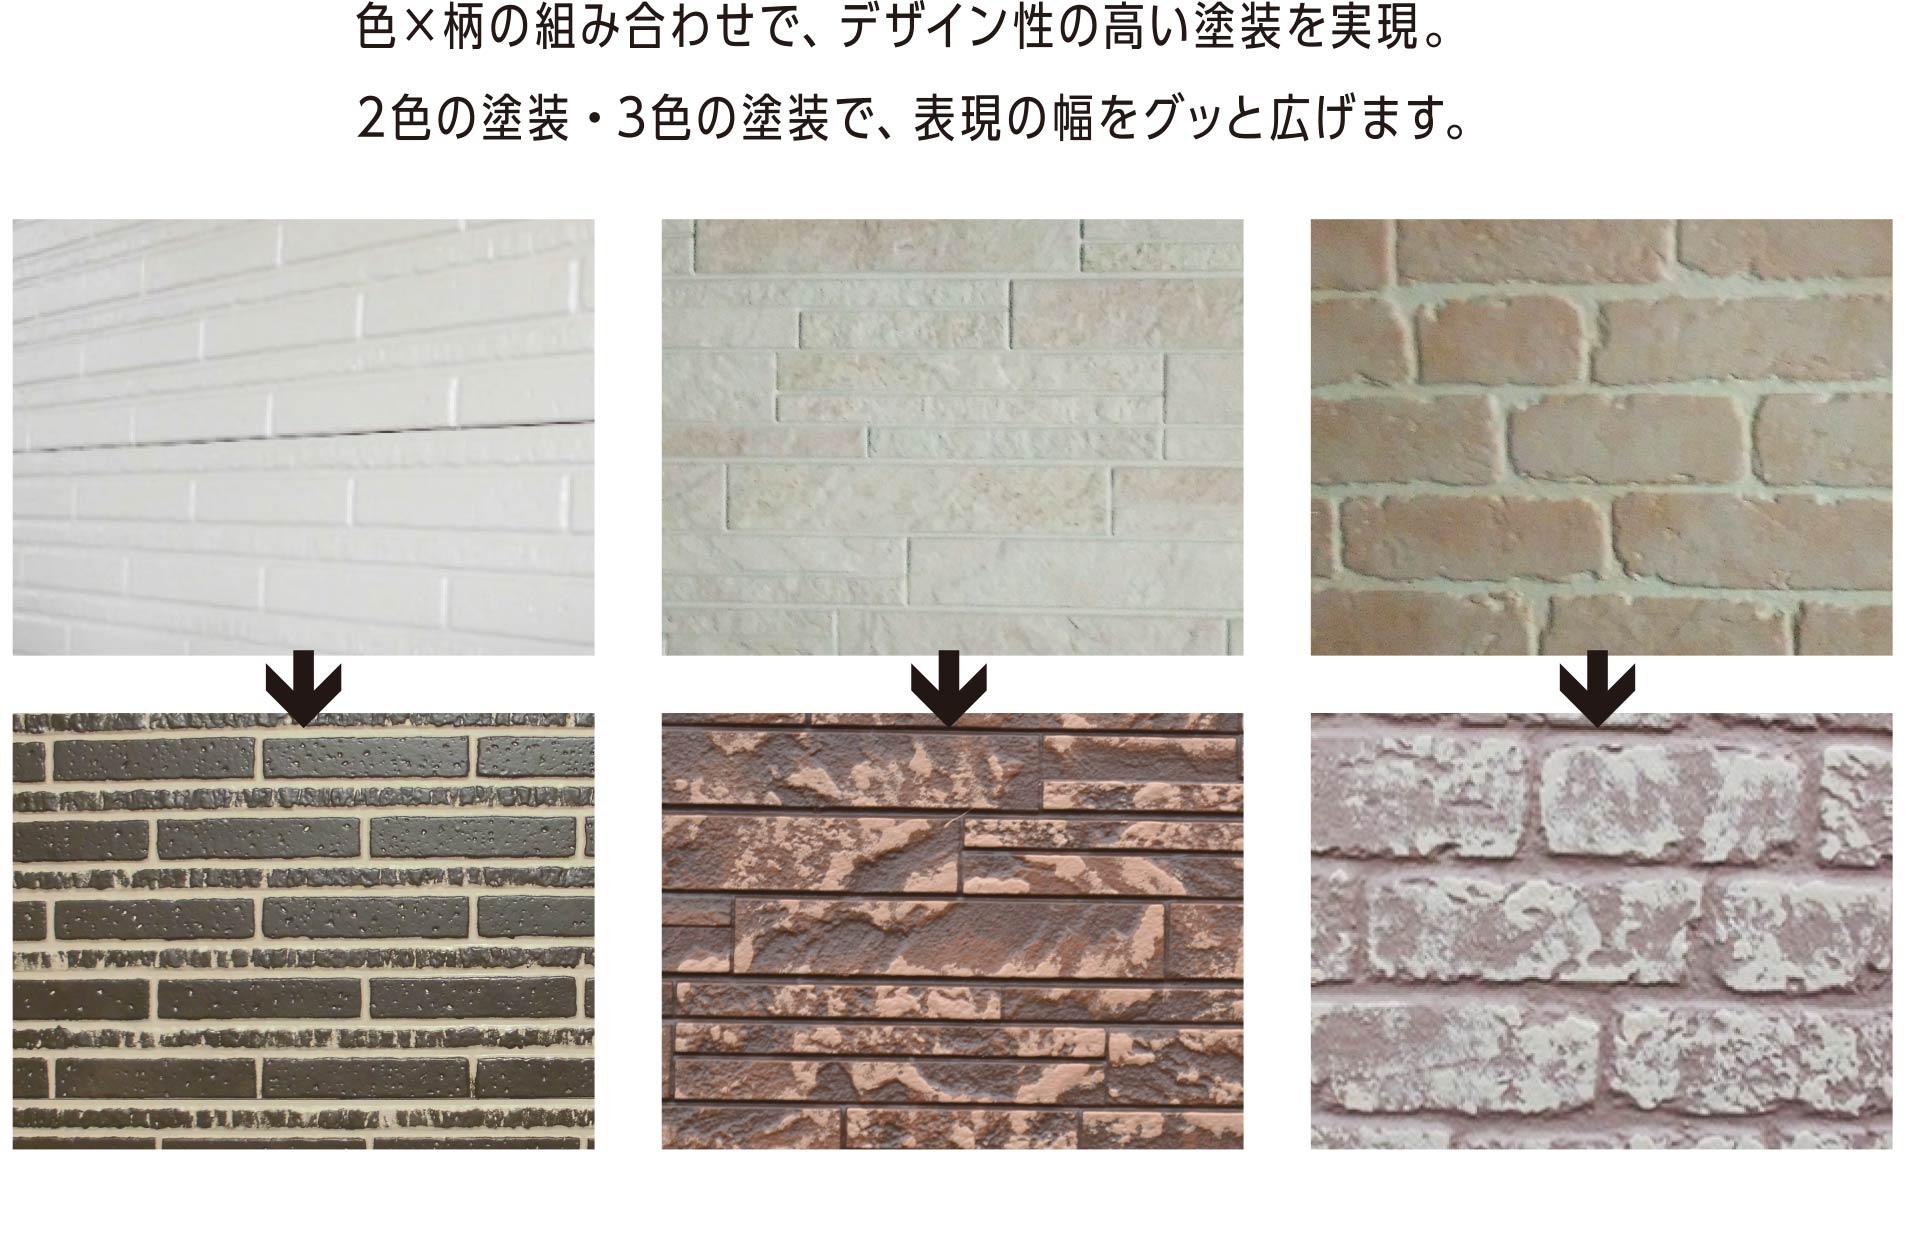 色×柄の組み合わせで、デザイン性の高い塗装を実現。2色の塗装・3色の塗装で、表現の幅をグッと広げます。